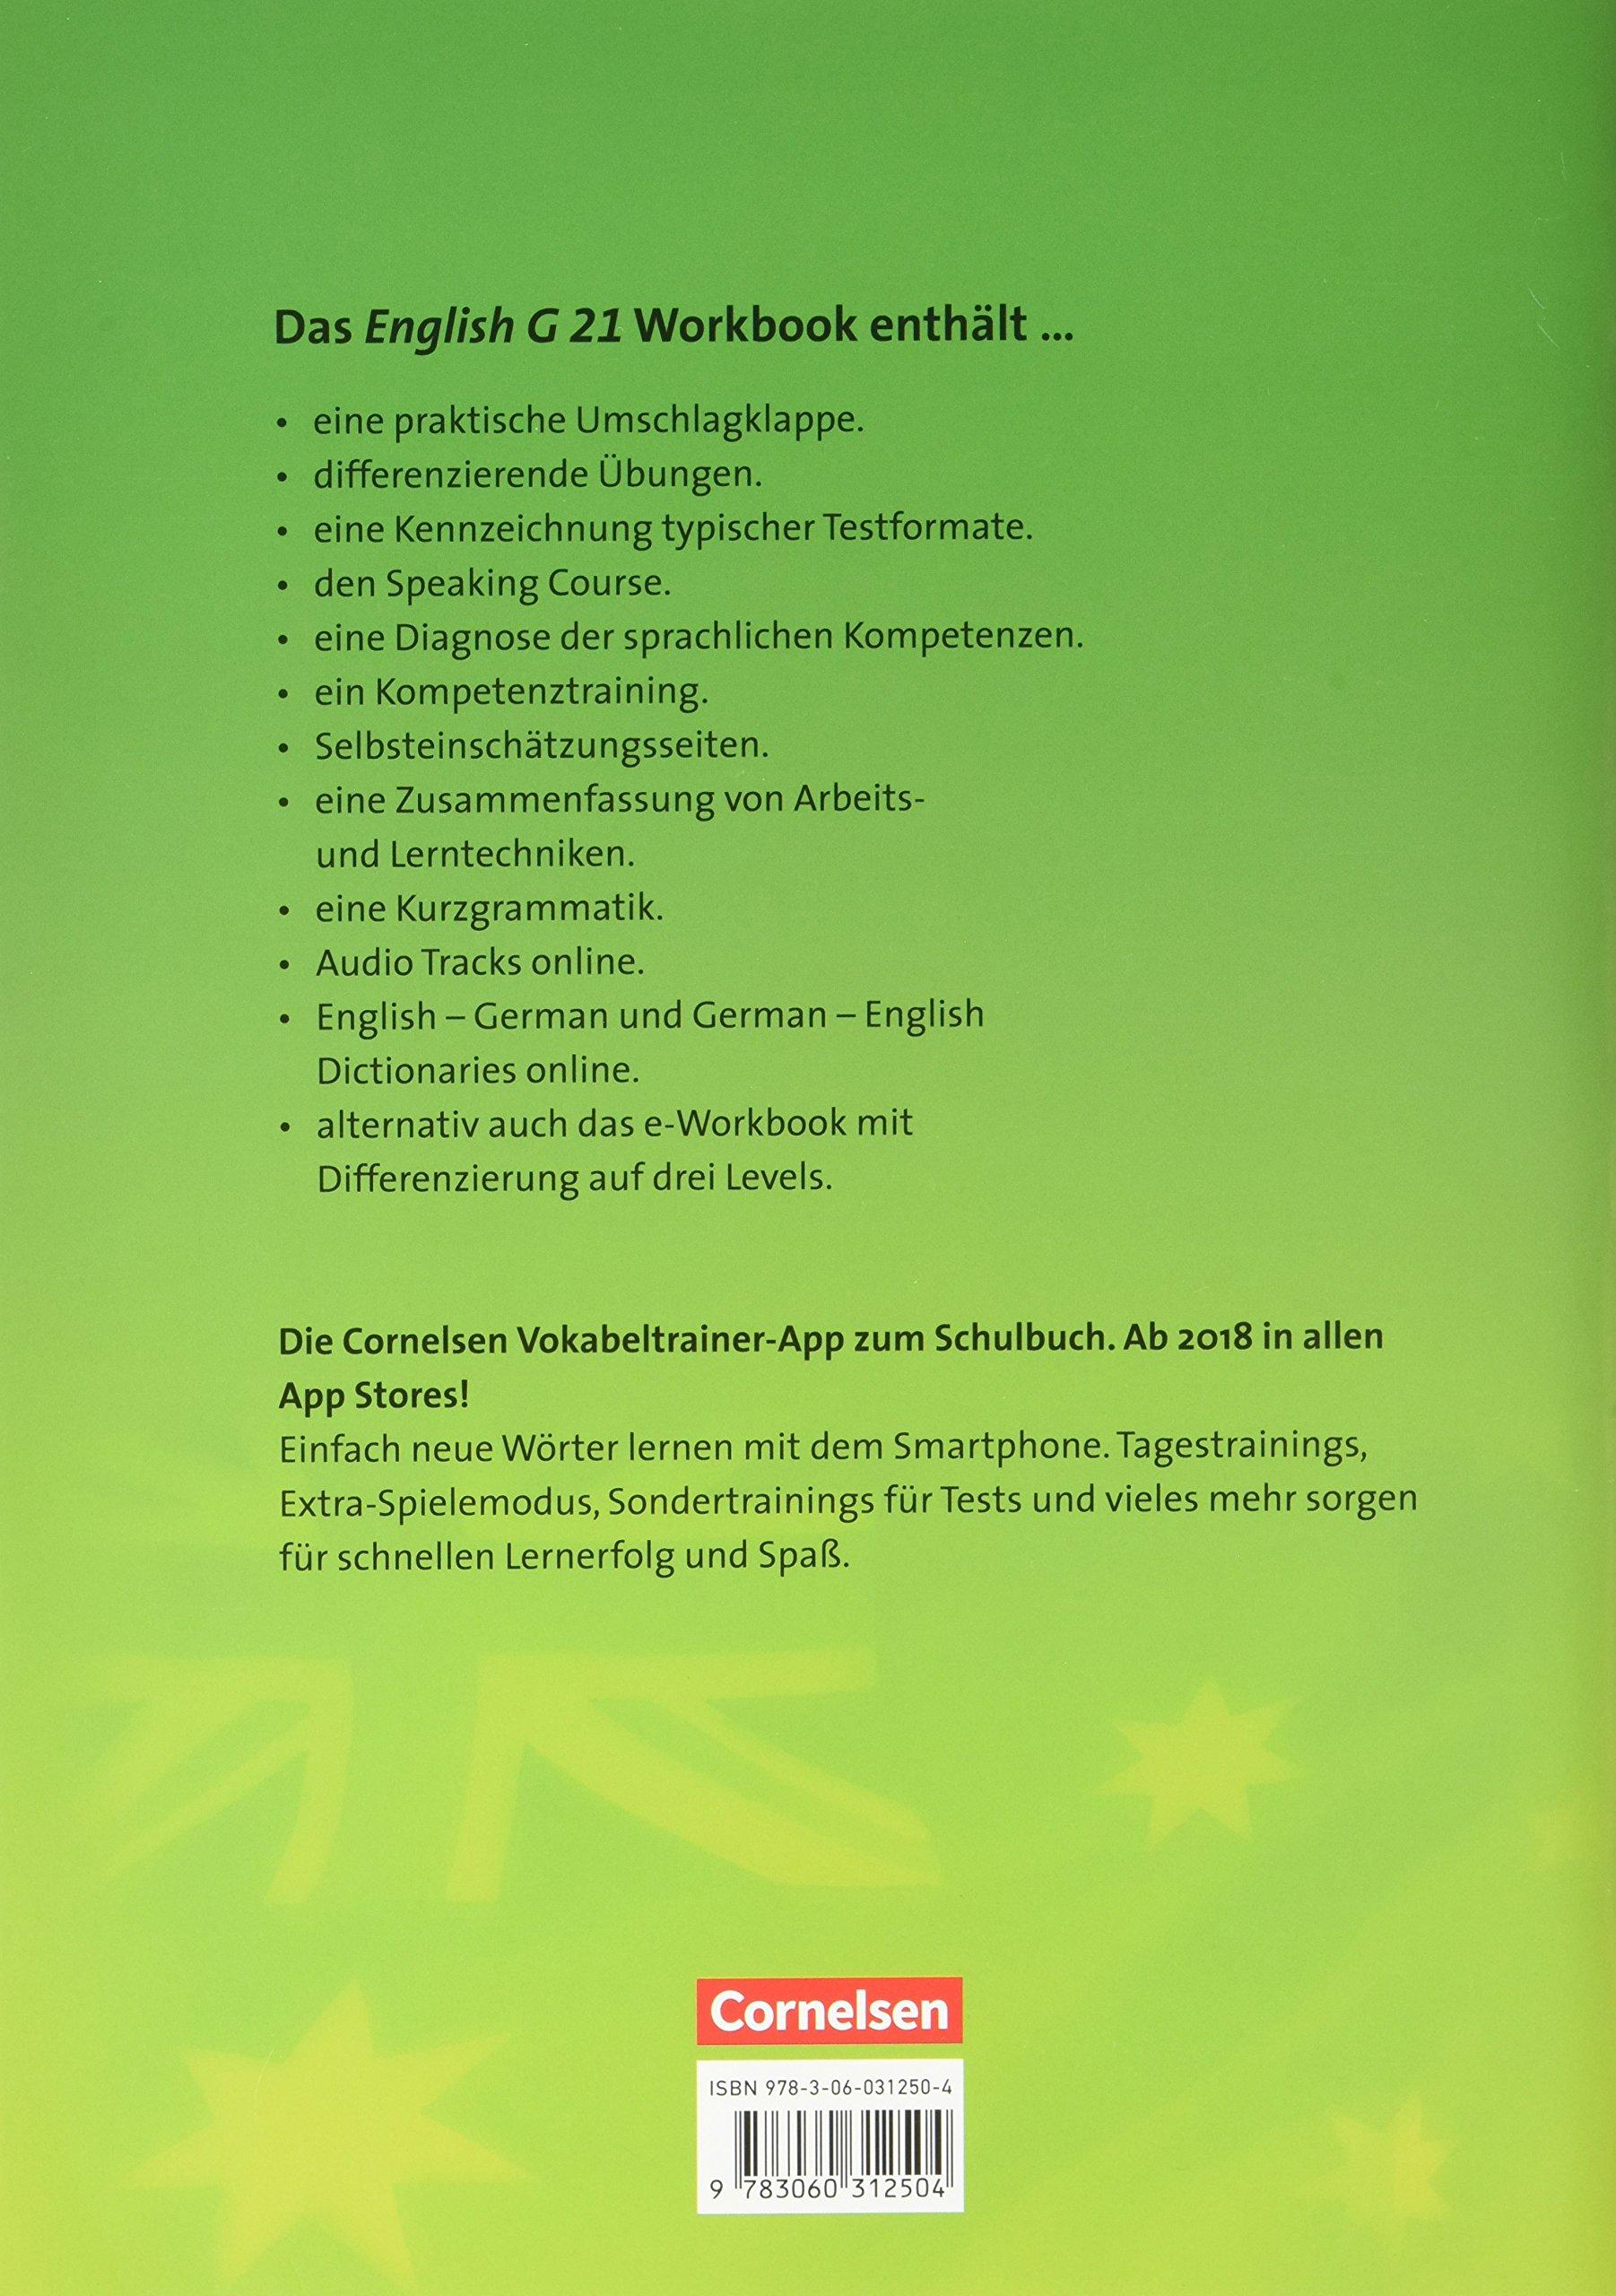 english g 21 d 5 9 schuljahr workbook mit cd 9783060312504 amazoncom books - Zusammenfassung English